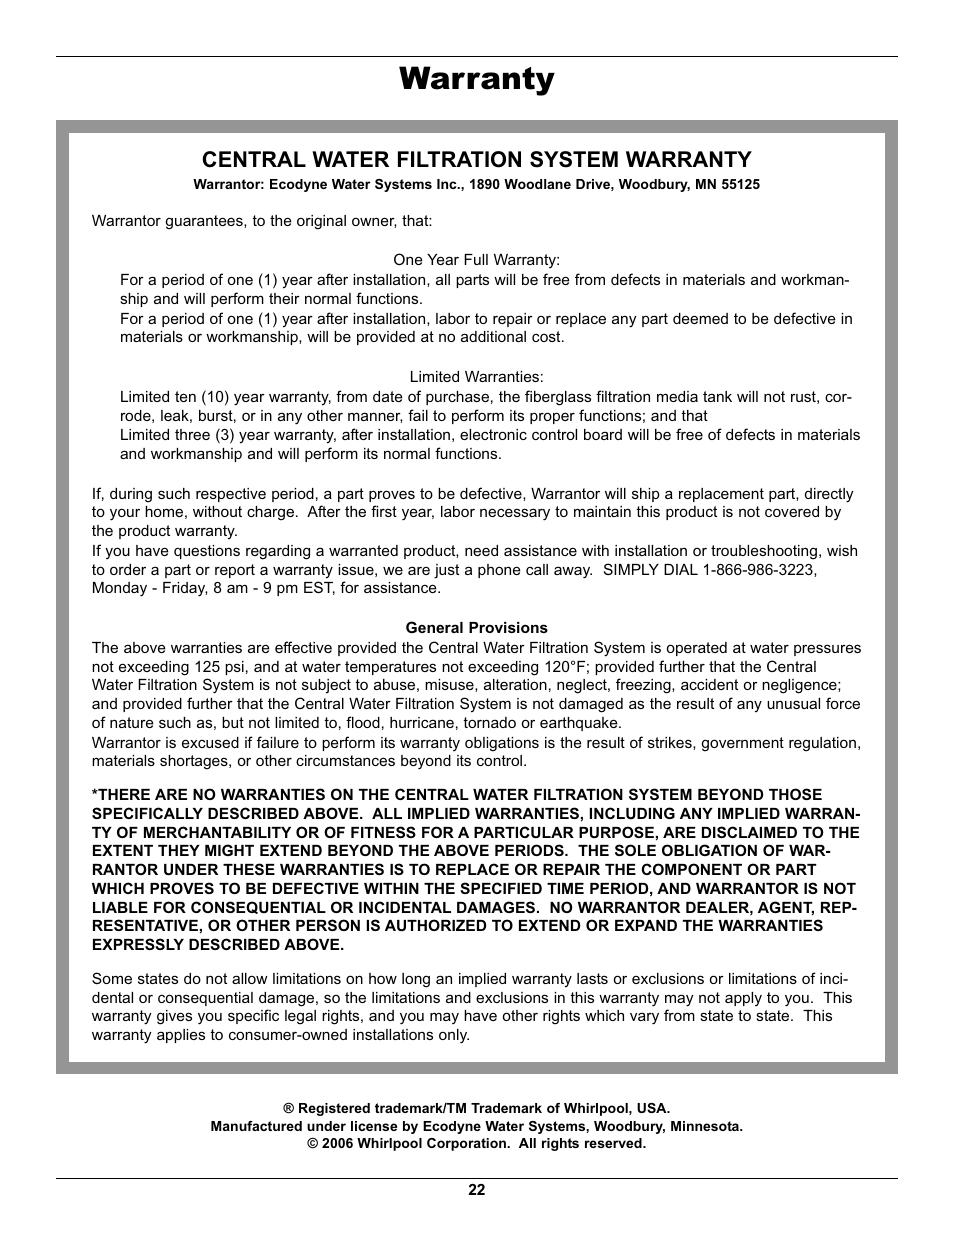 Warranty Central Water Filtration System Warranty